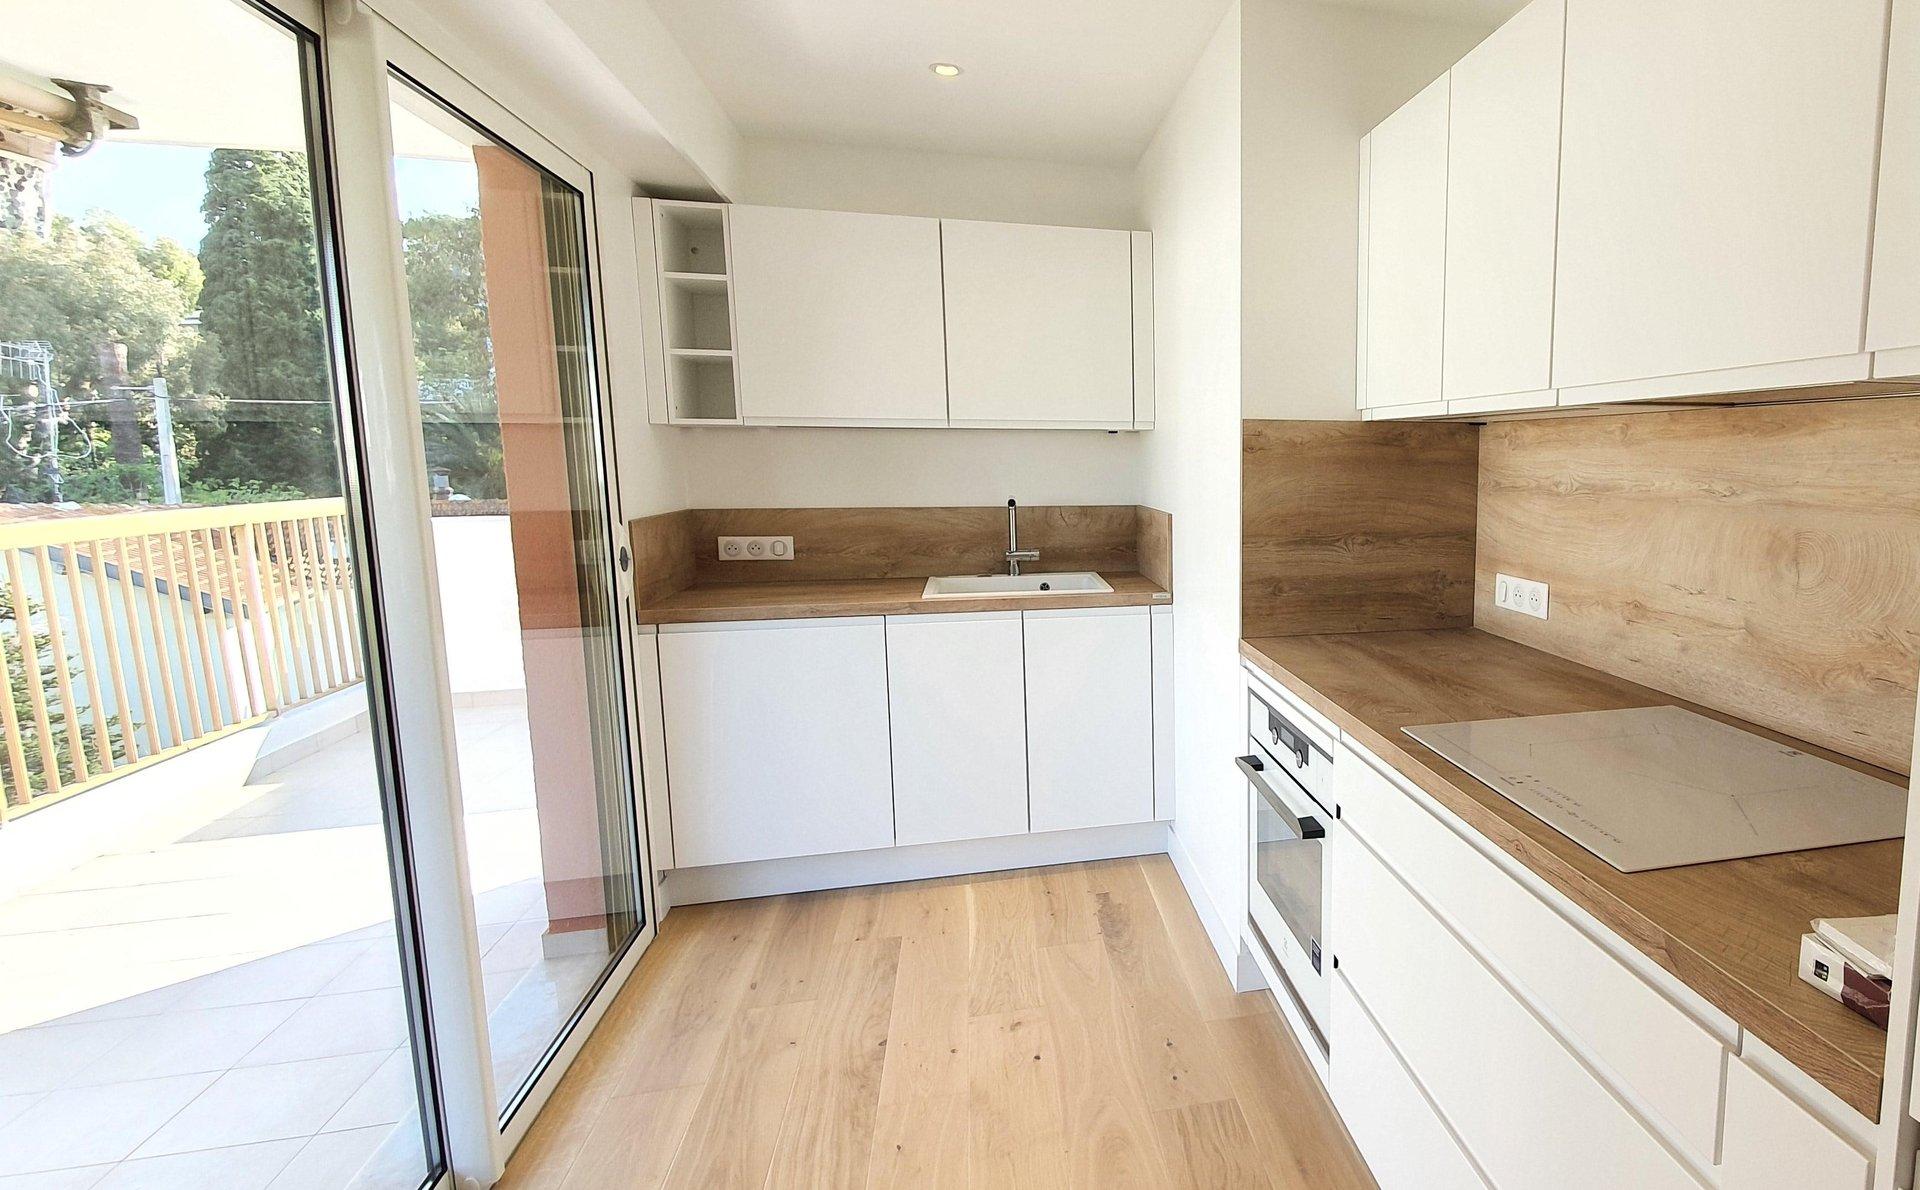 Basse Californie Dernier étage 3 P 81 m2 avec Terrasses 55 m2 et Garage